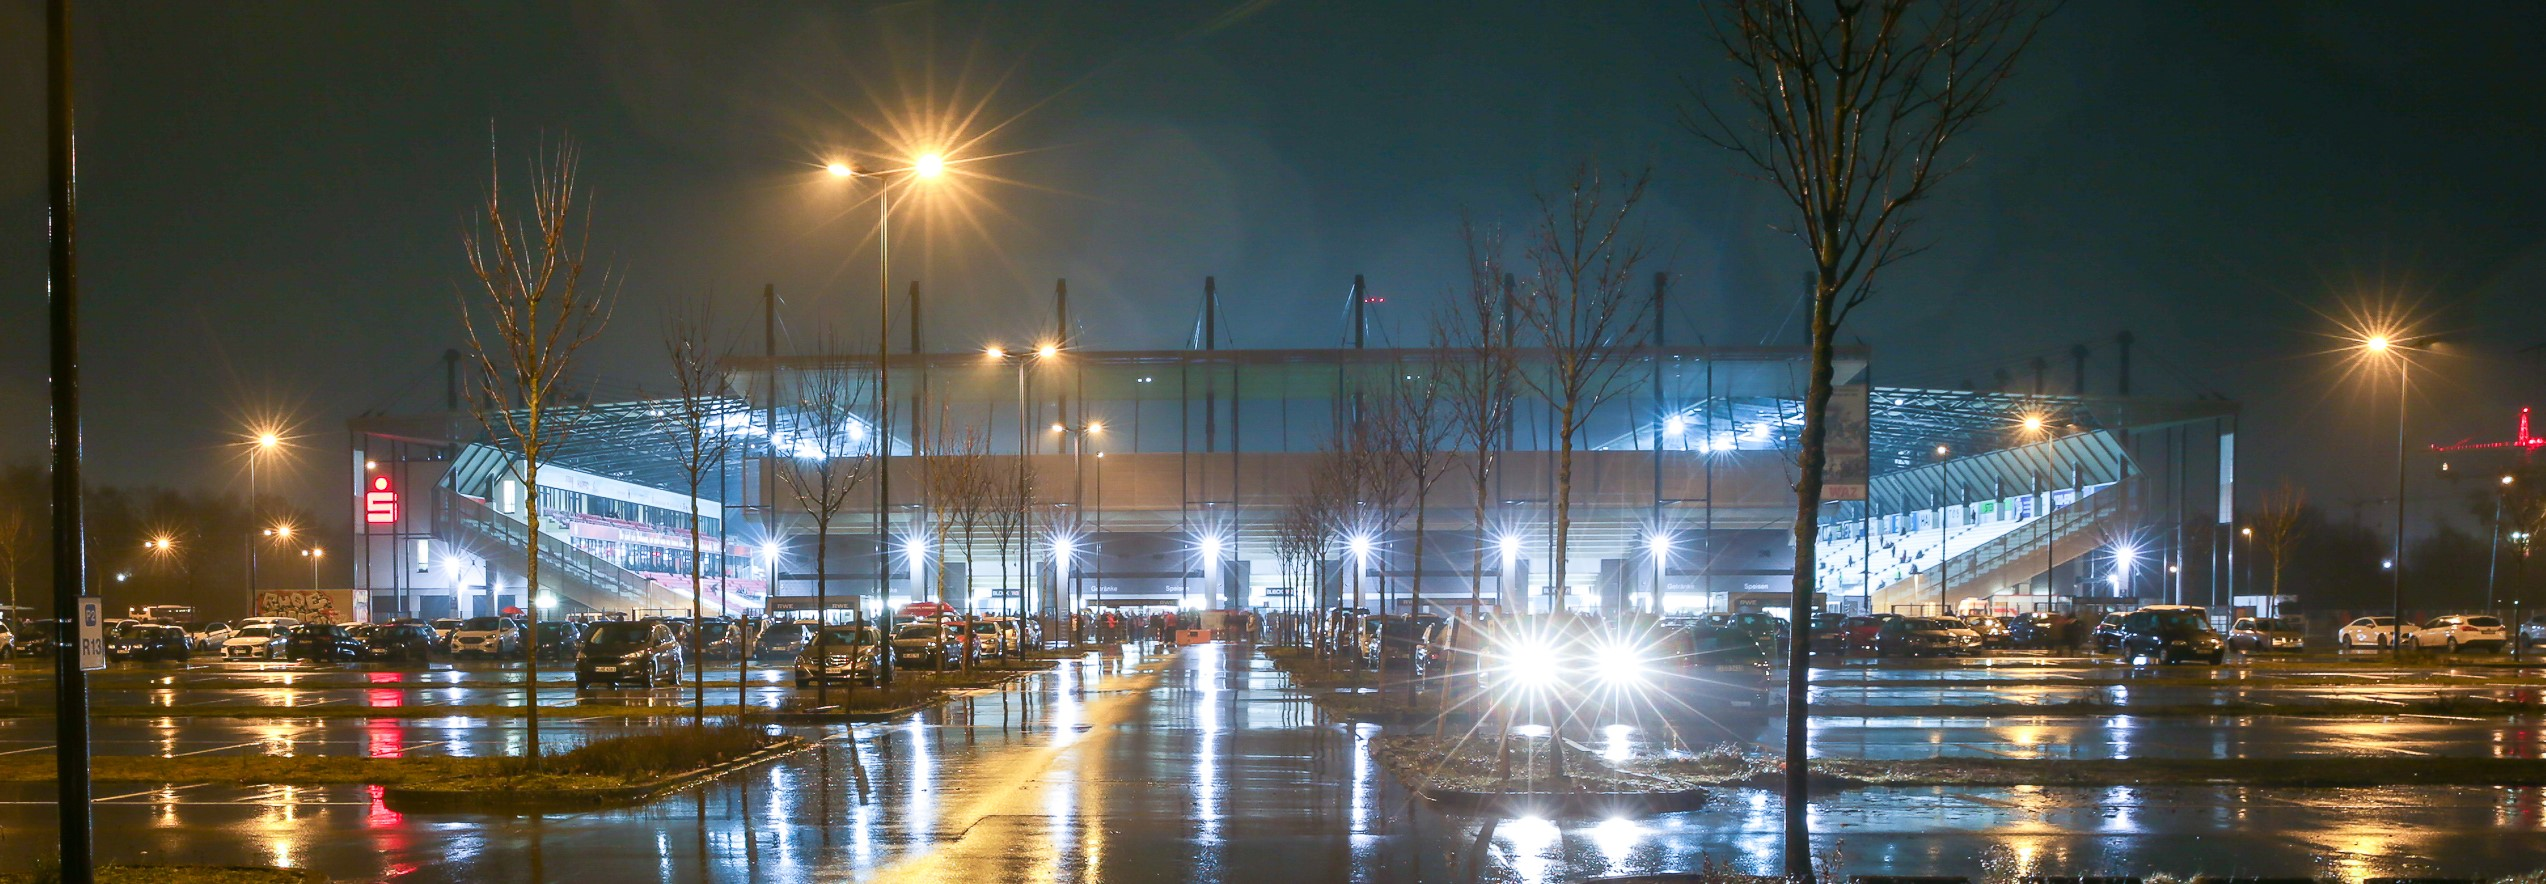 Am Freitag empfängt RWE unter Flutlicht endlich wieder Zuschauer. Zur erfolgreichen Umsetzung ist jedoch die Mithilfe jedes Rot-Weissen gefragt. (Foto: Endberg)